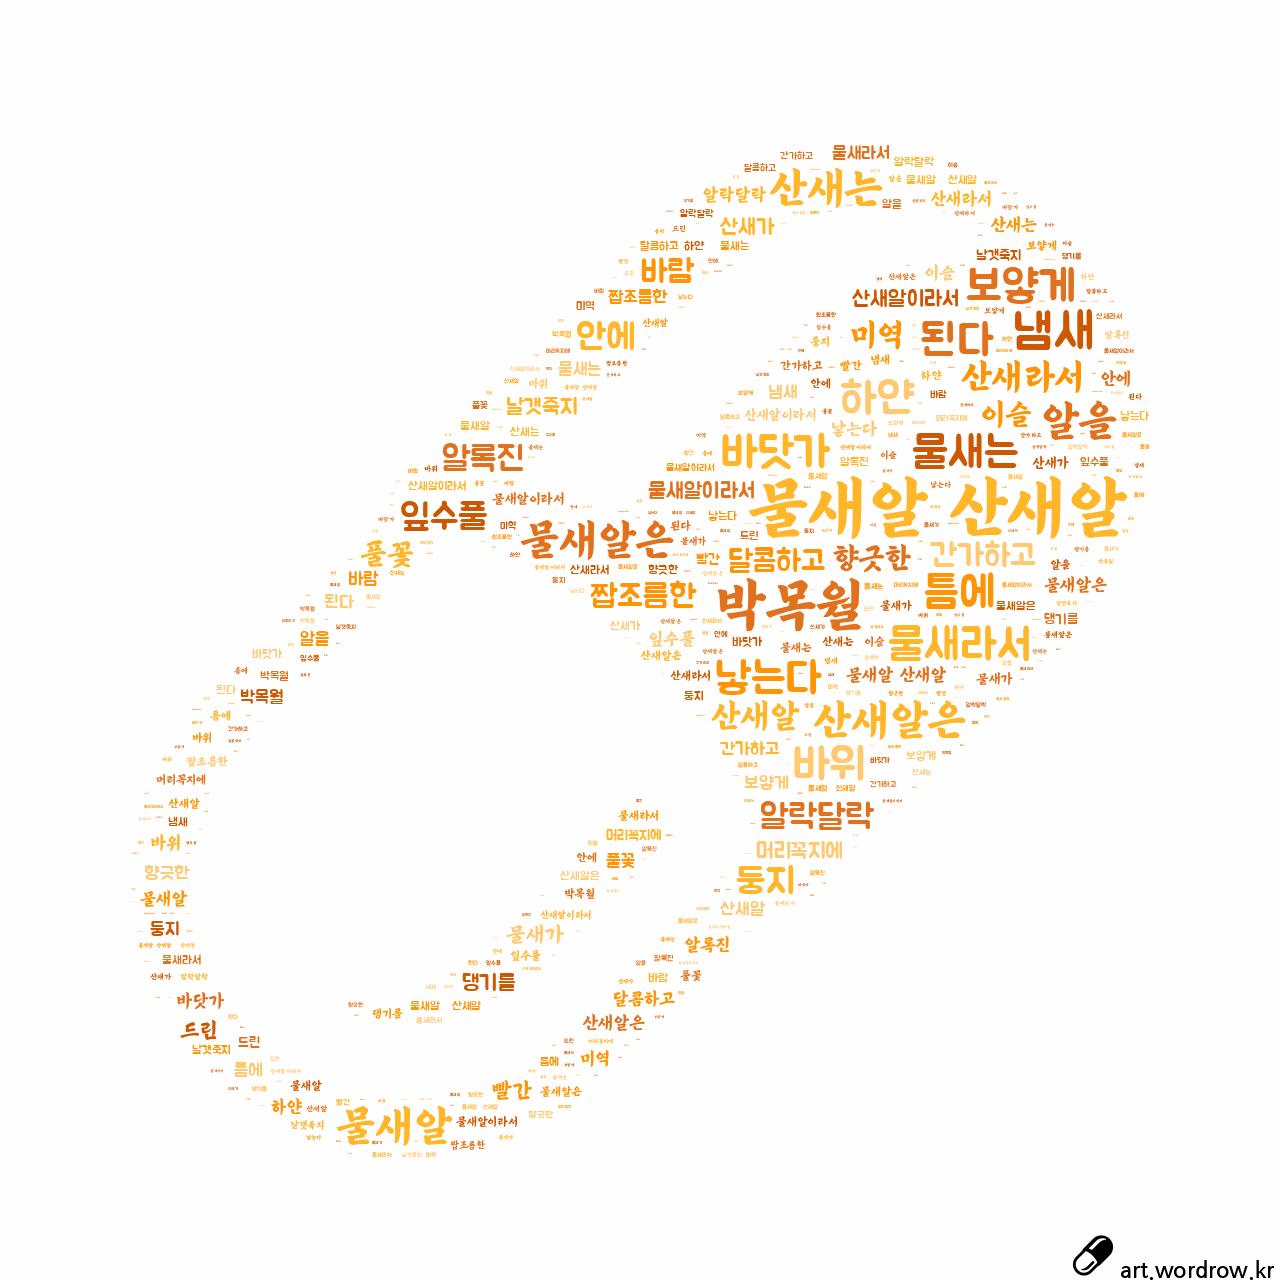 워드 클라우드: 물새알 산새알 [박목월]-33